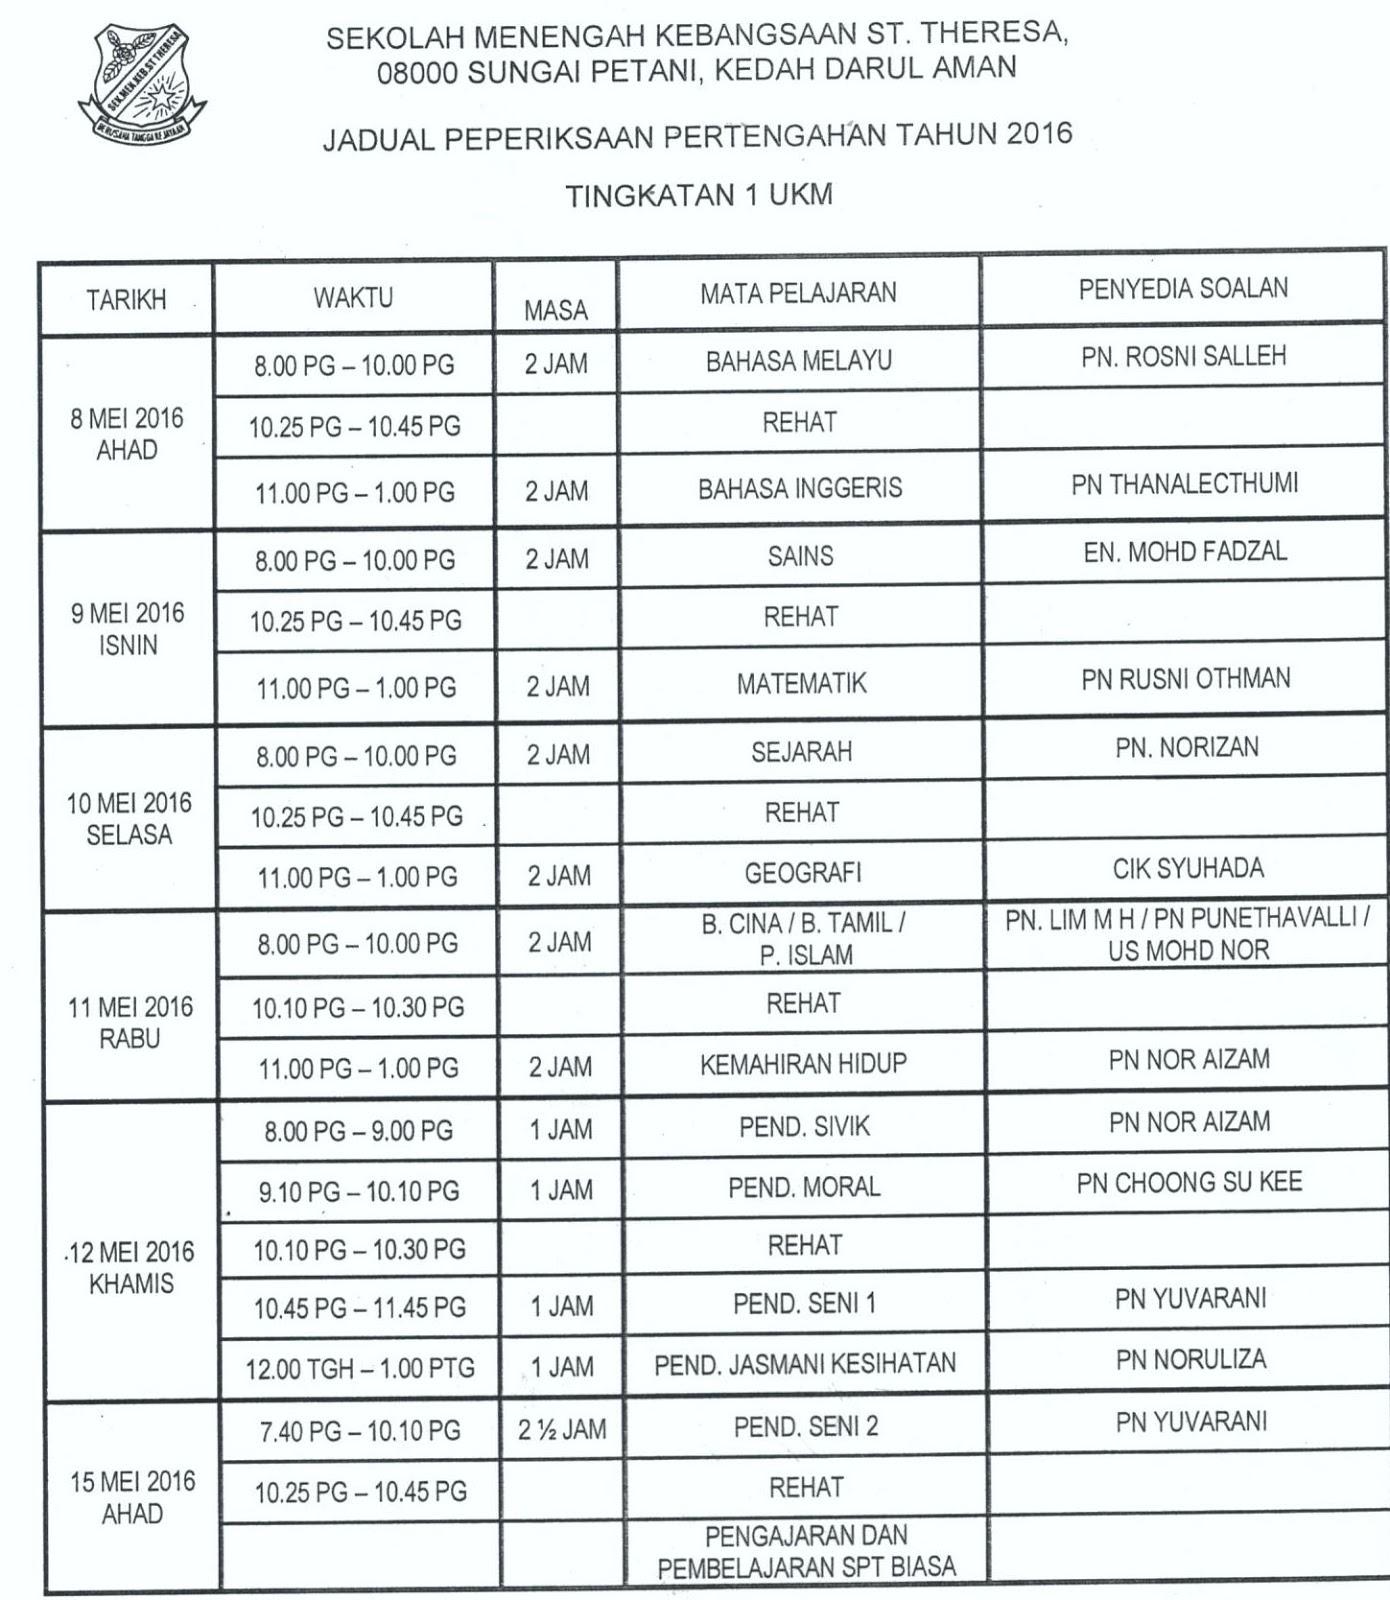 ... , Sungai Petani, Kedah DA: JADUAL PEPERIKSAAN PERTENGAHAN TAHUN 2016